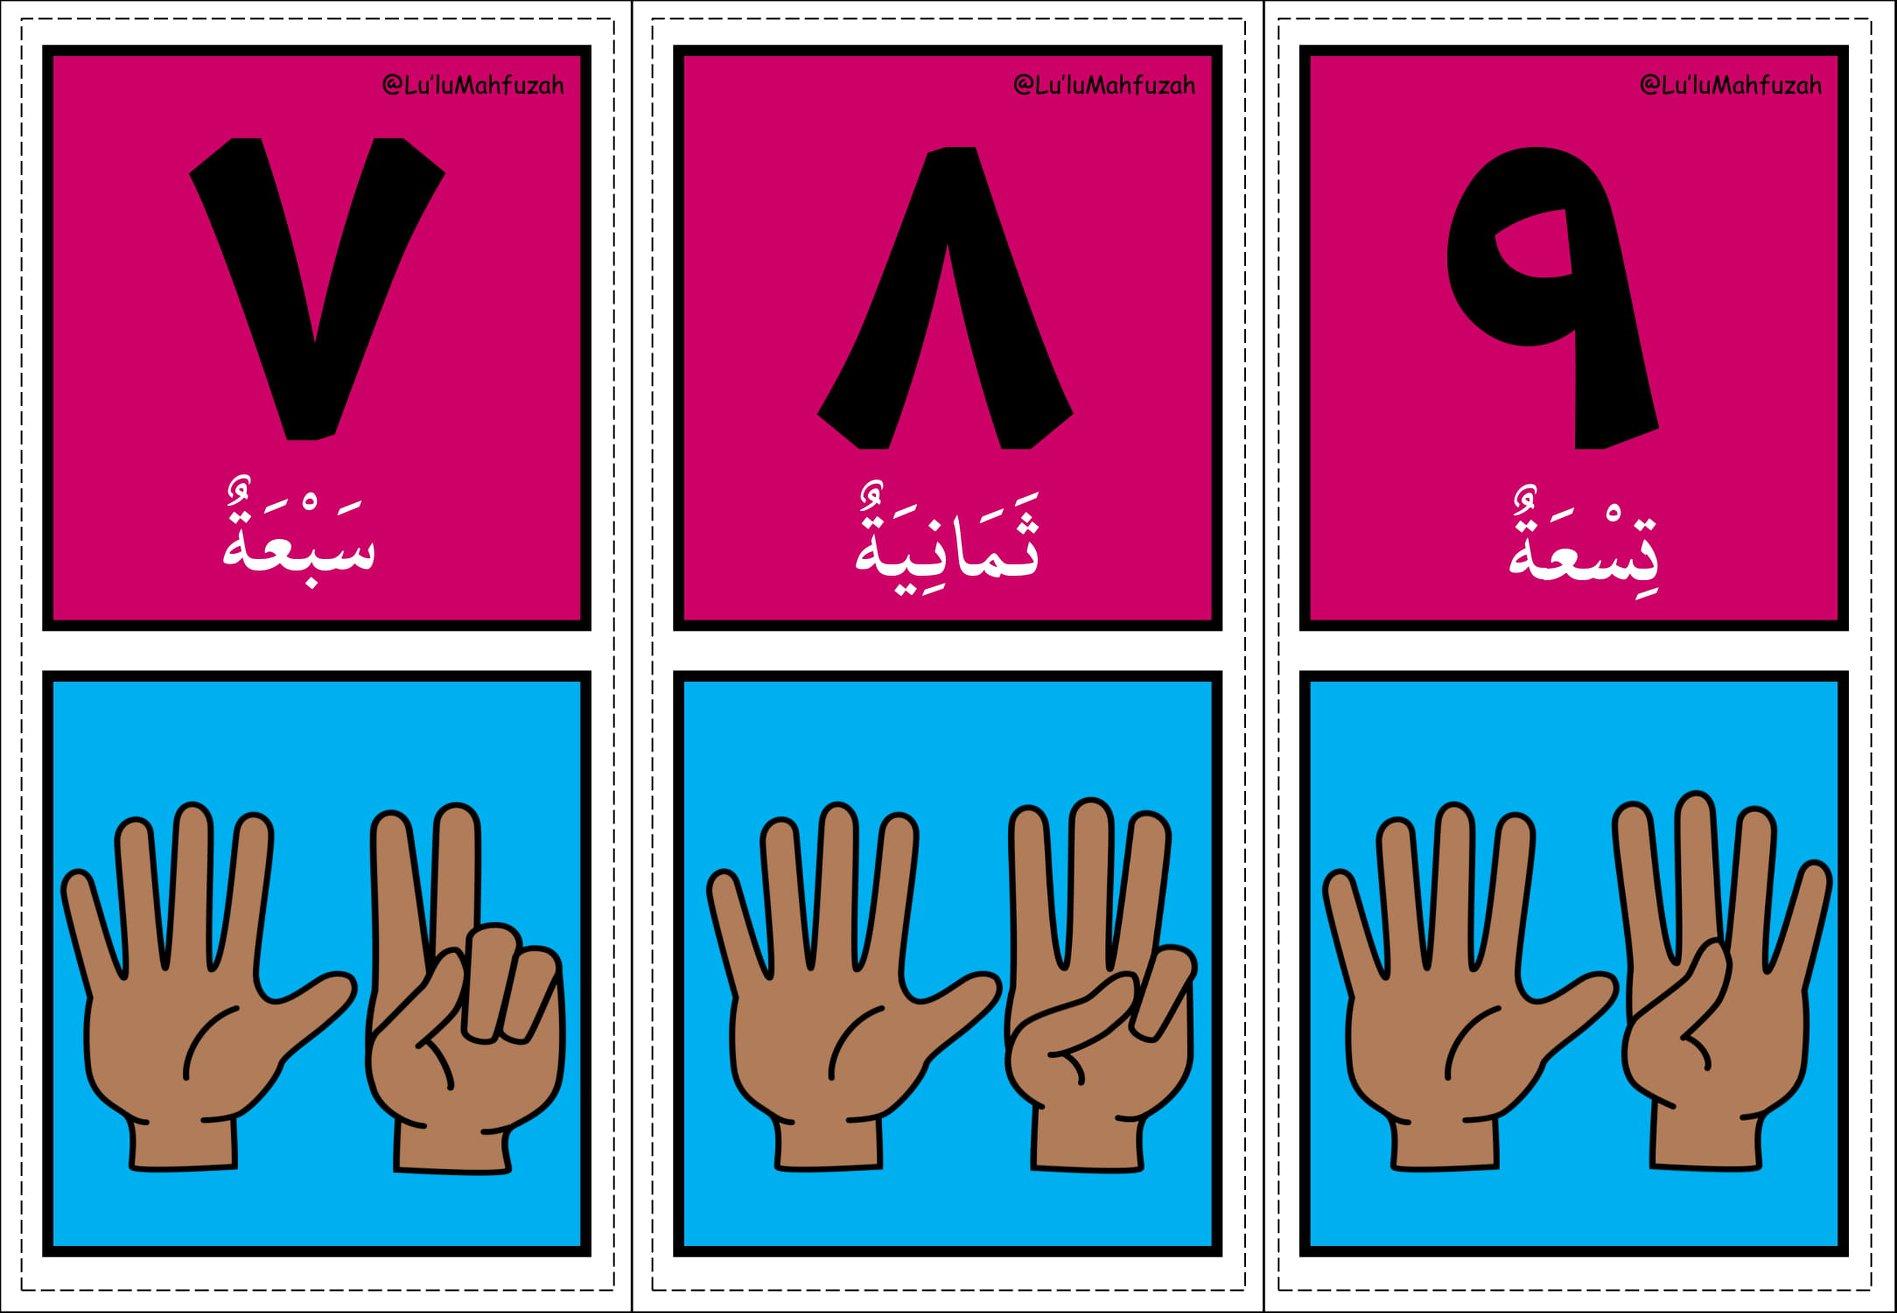 nombor-dalam-bahasa-arab Belajar Bahasa Arab | Kenali Nombor 1 Hingga 10 Bahasa Arab